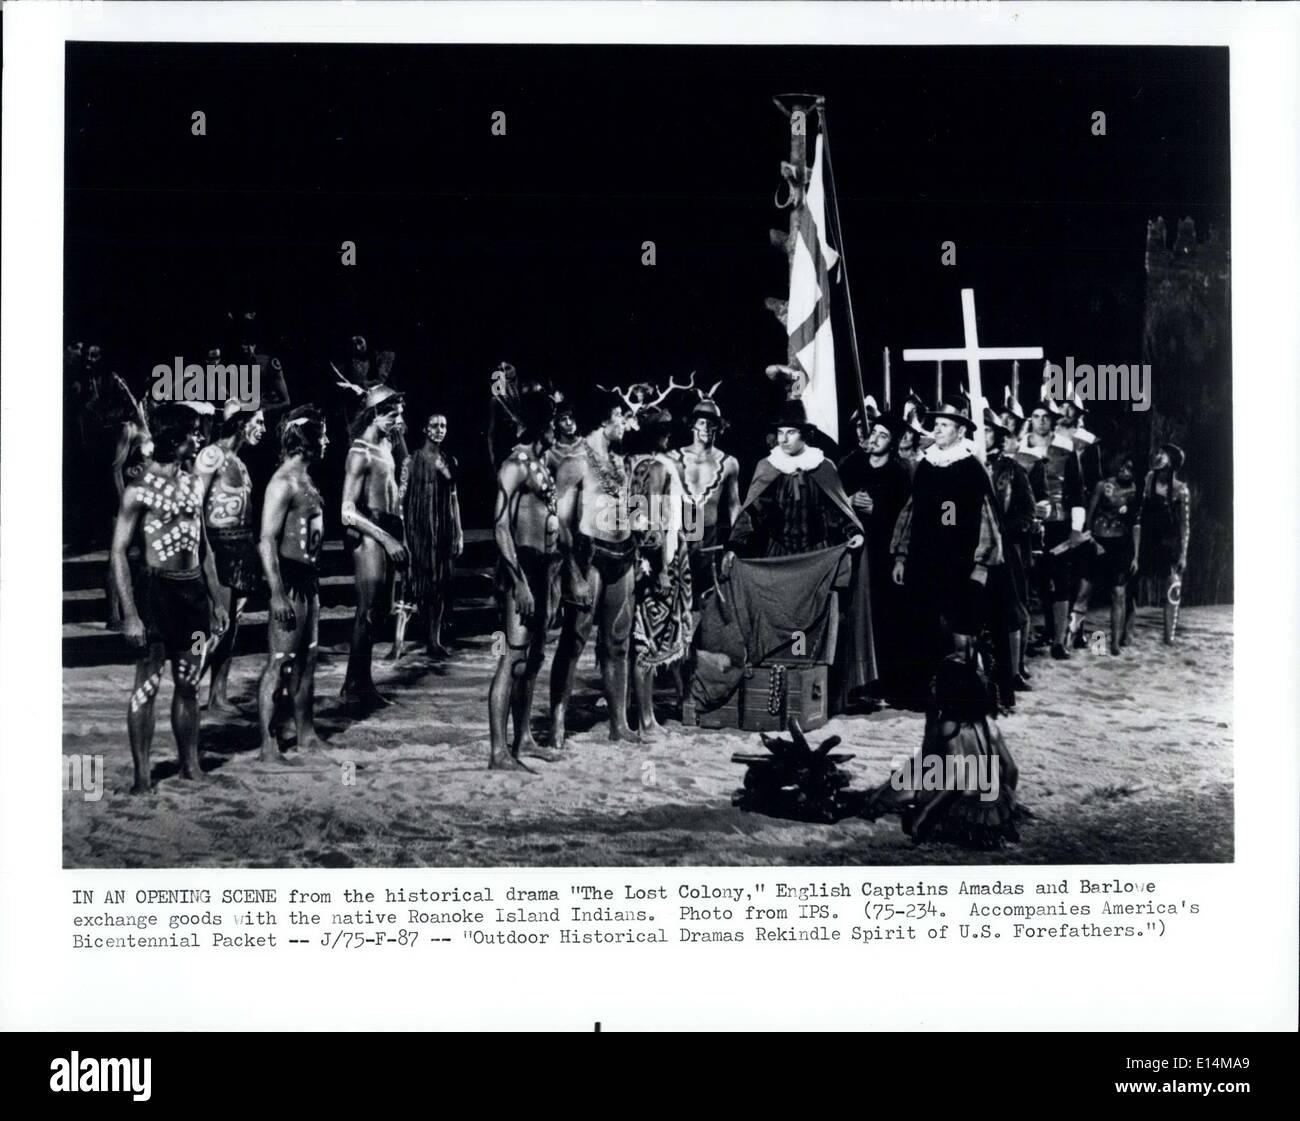 Apr. 05, 2012 - In una scena di apertura dal dramma storico '' la colonia perduta,'' Inglese Capitani Amadas e Barlo~e scambiare merci con il nativo di Isola Roanoke indiani. Immagini Stock